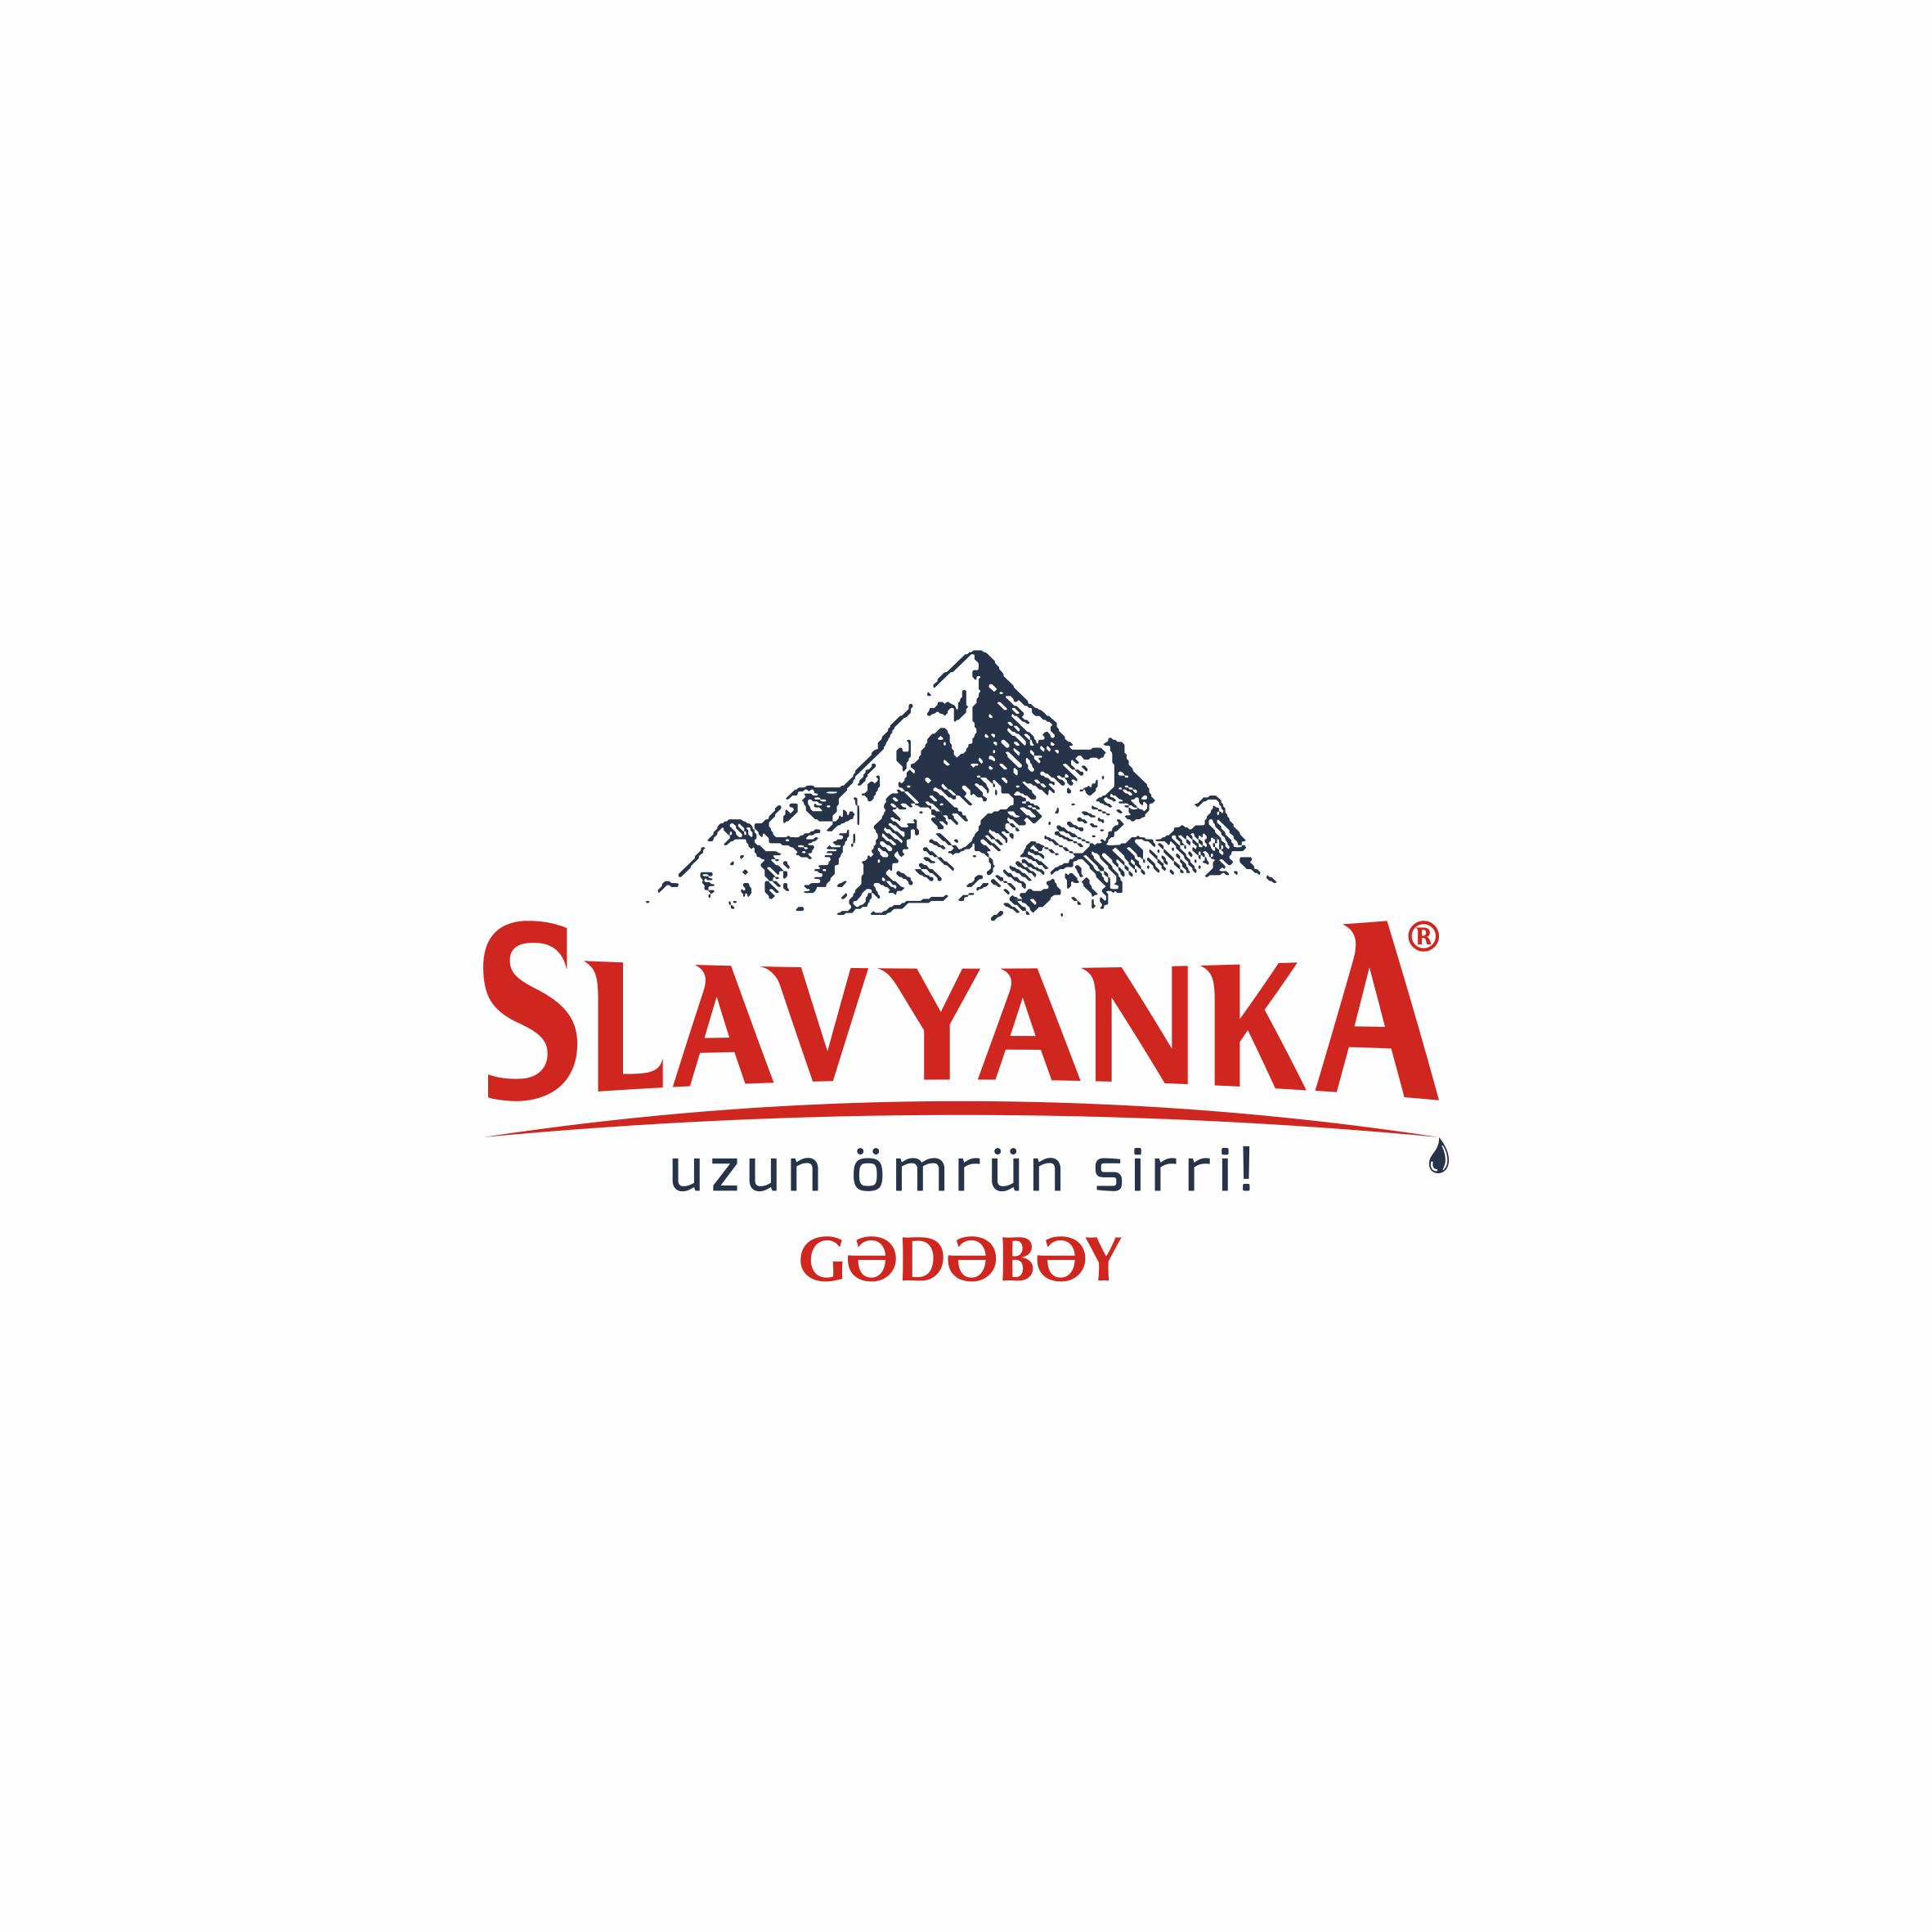 SLAVYANKA